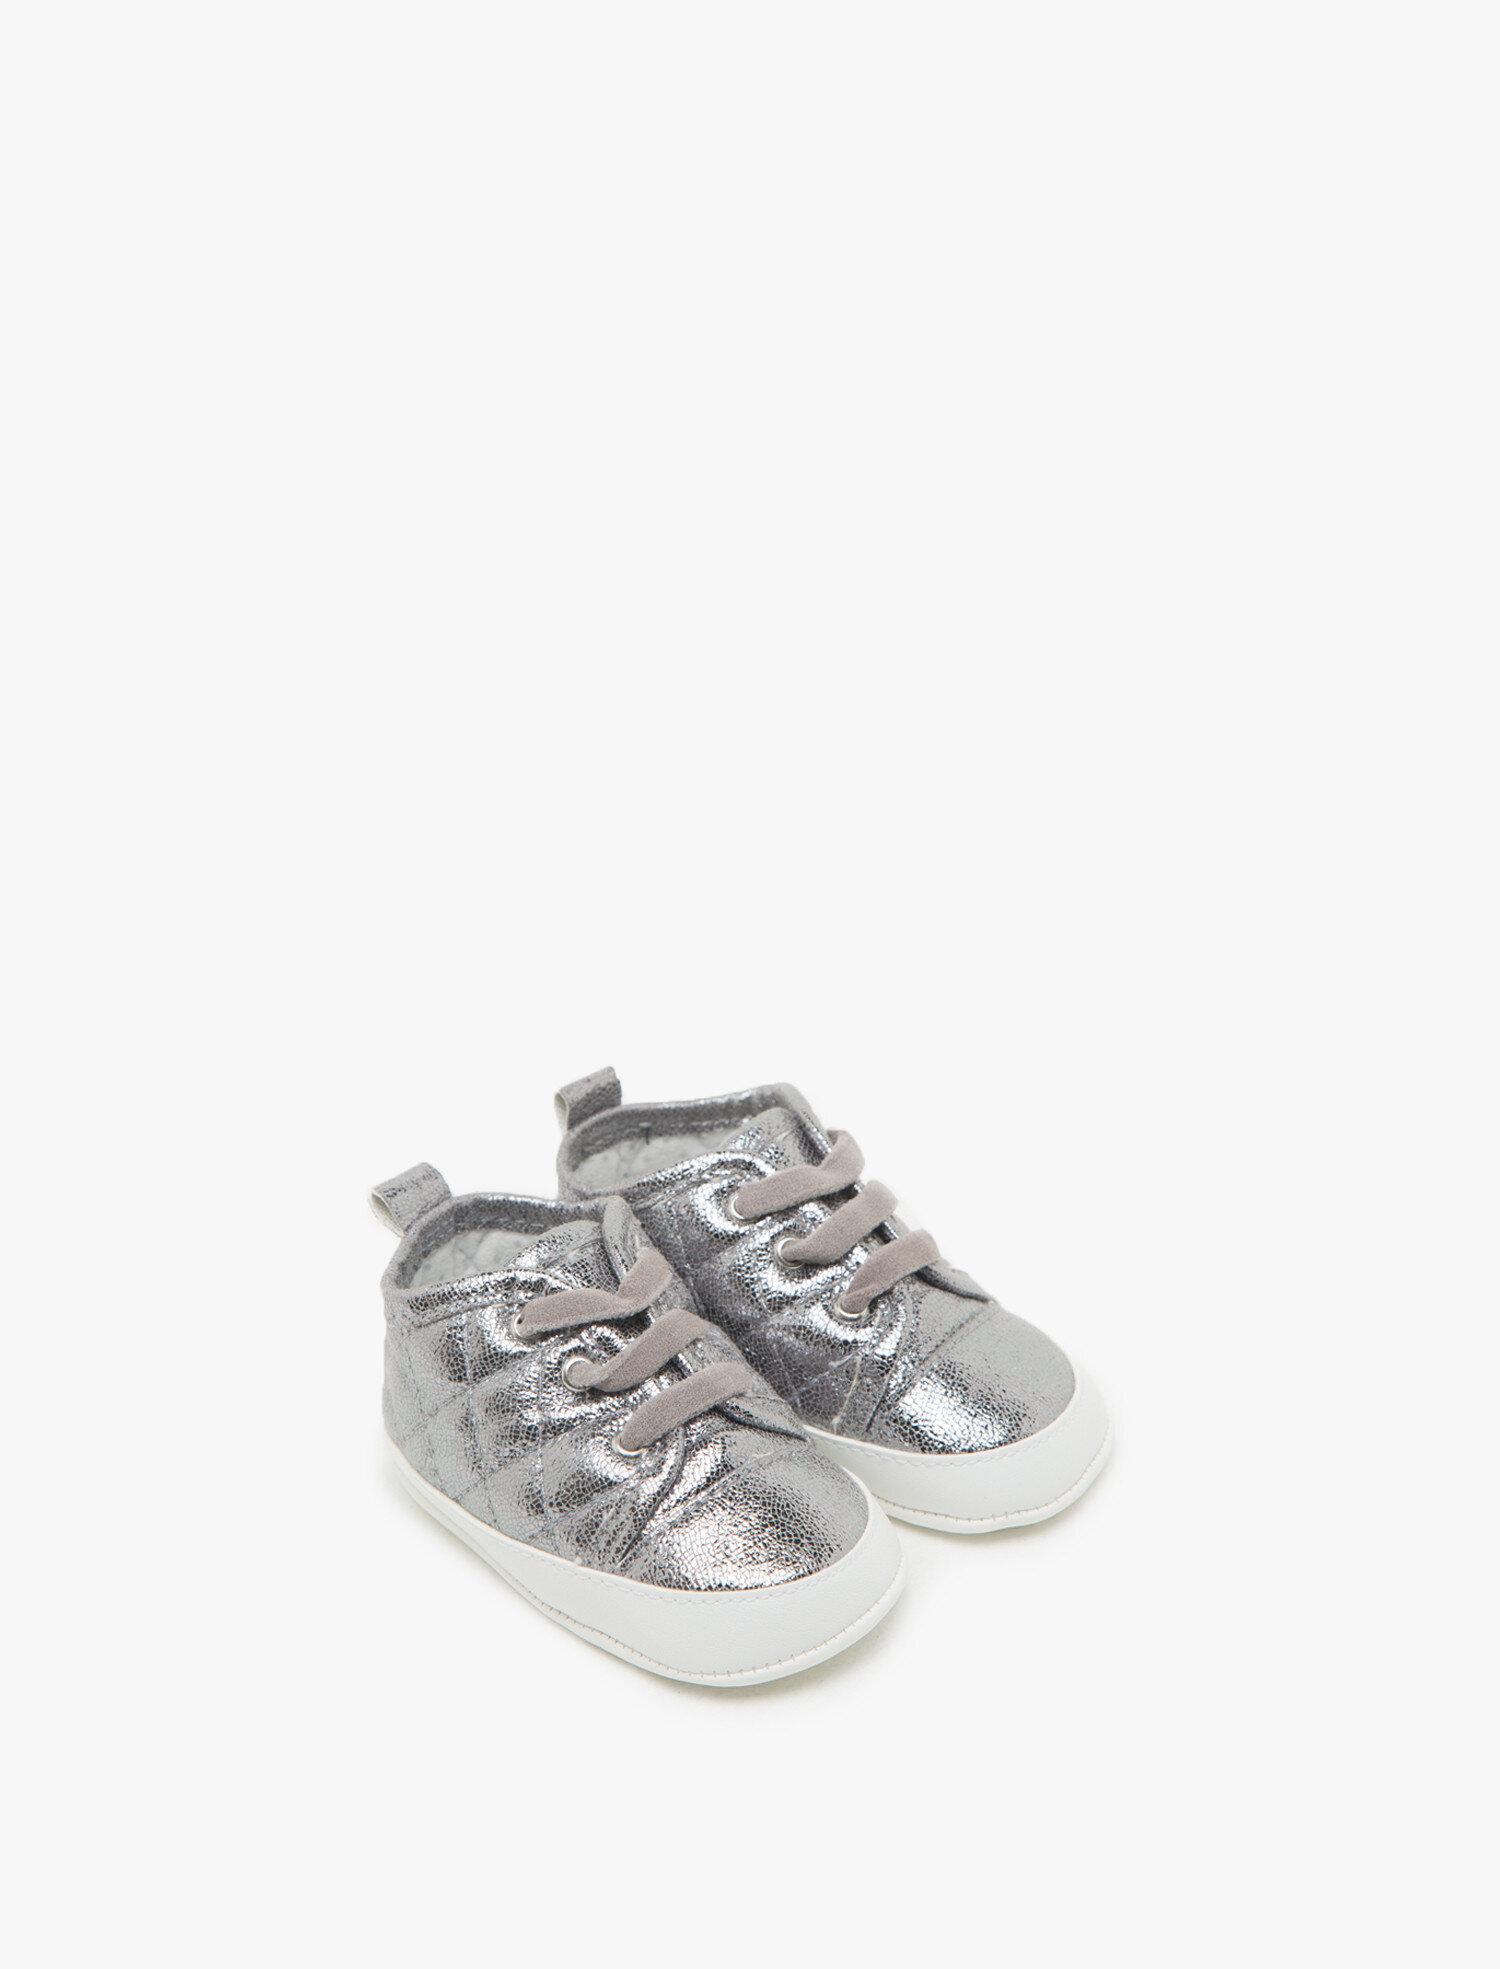 84155bd04 Bağcıklı Spor Ayakkabı. Bağcıklı Spor Ayakkabı. Fotoğrafı büyütmek için  üzerine tıklayınız